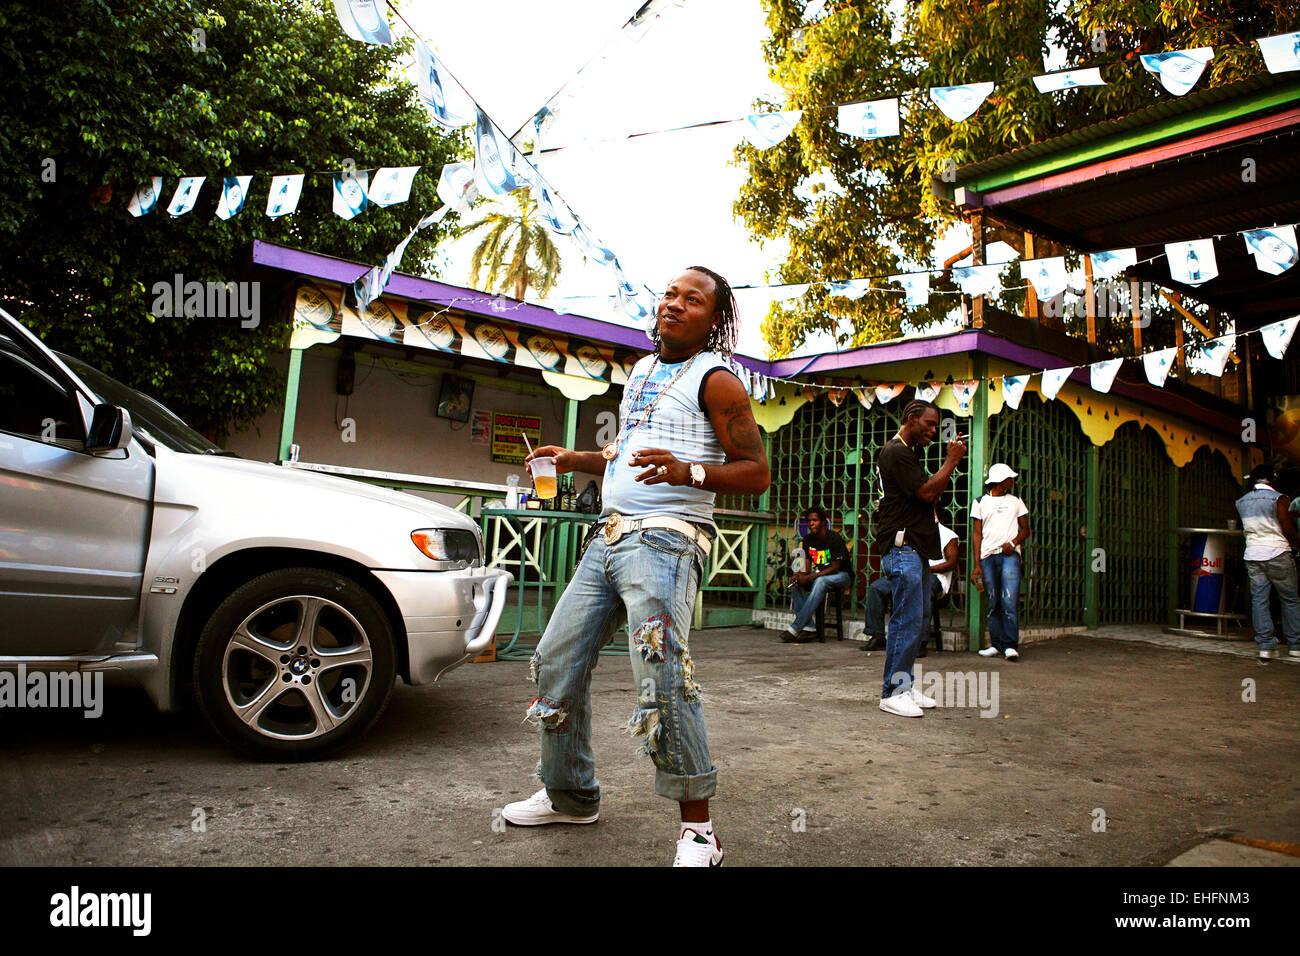 Man dancing at the Stone Love Studios Kingston Jamaica. - Stock Image